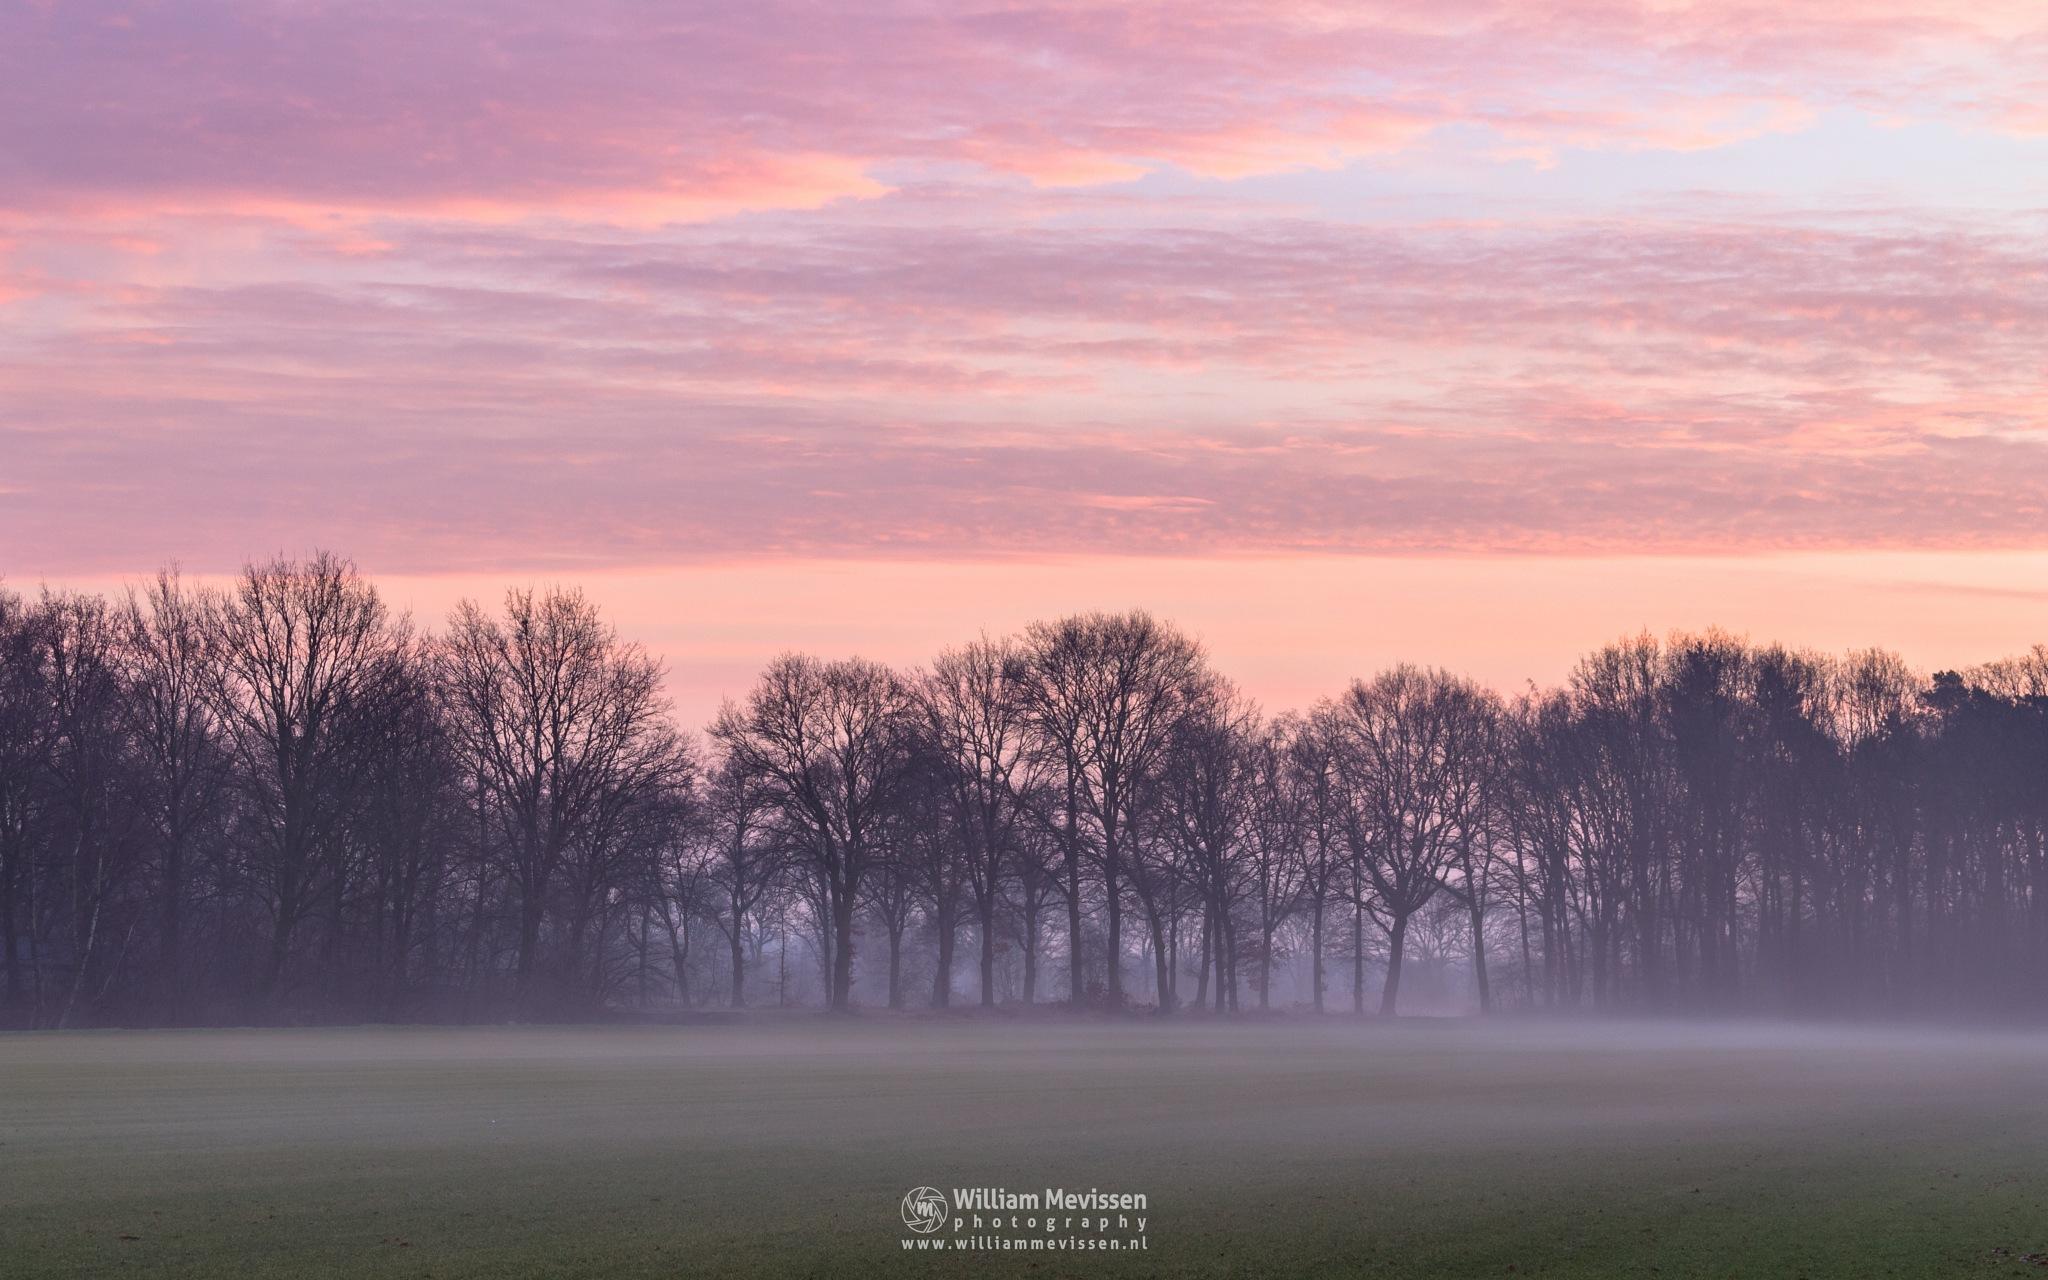 Misty Rural Twilight by William Mevissen